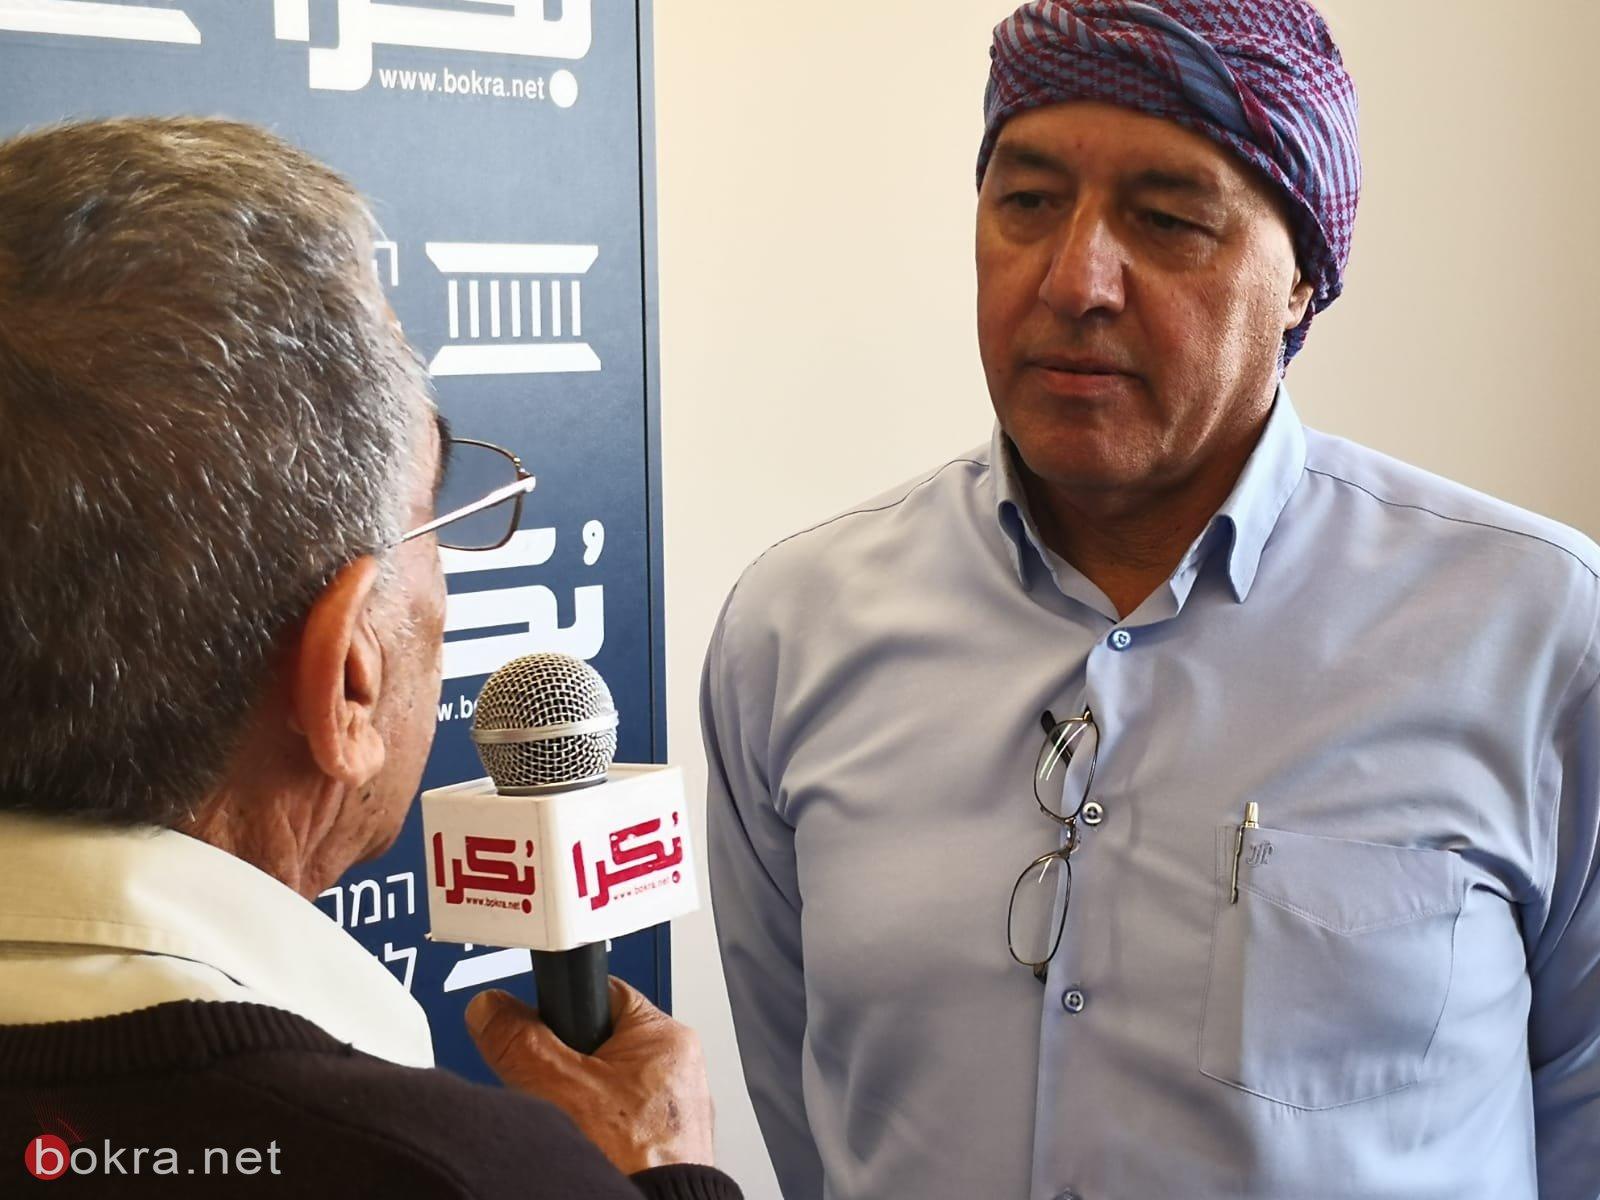 العنف في المجتمع العربي، أسبابه، والحلول لمكافحته؟ .. يوم دراسي في الناصرة-202